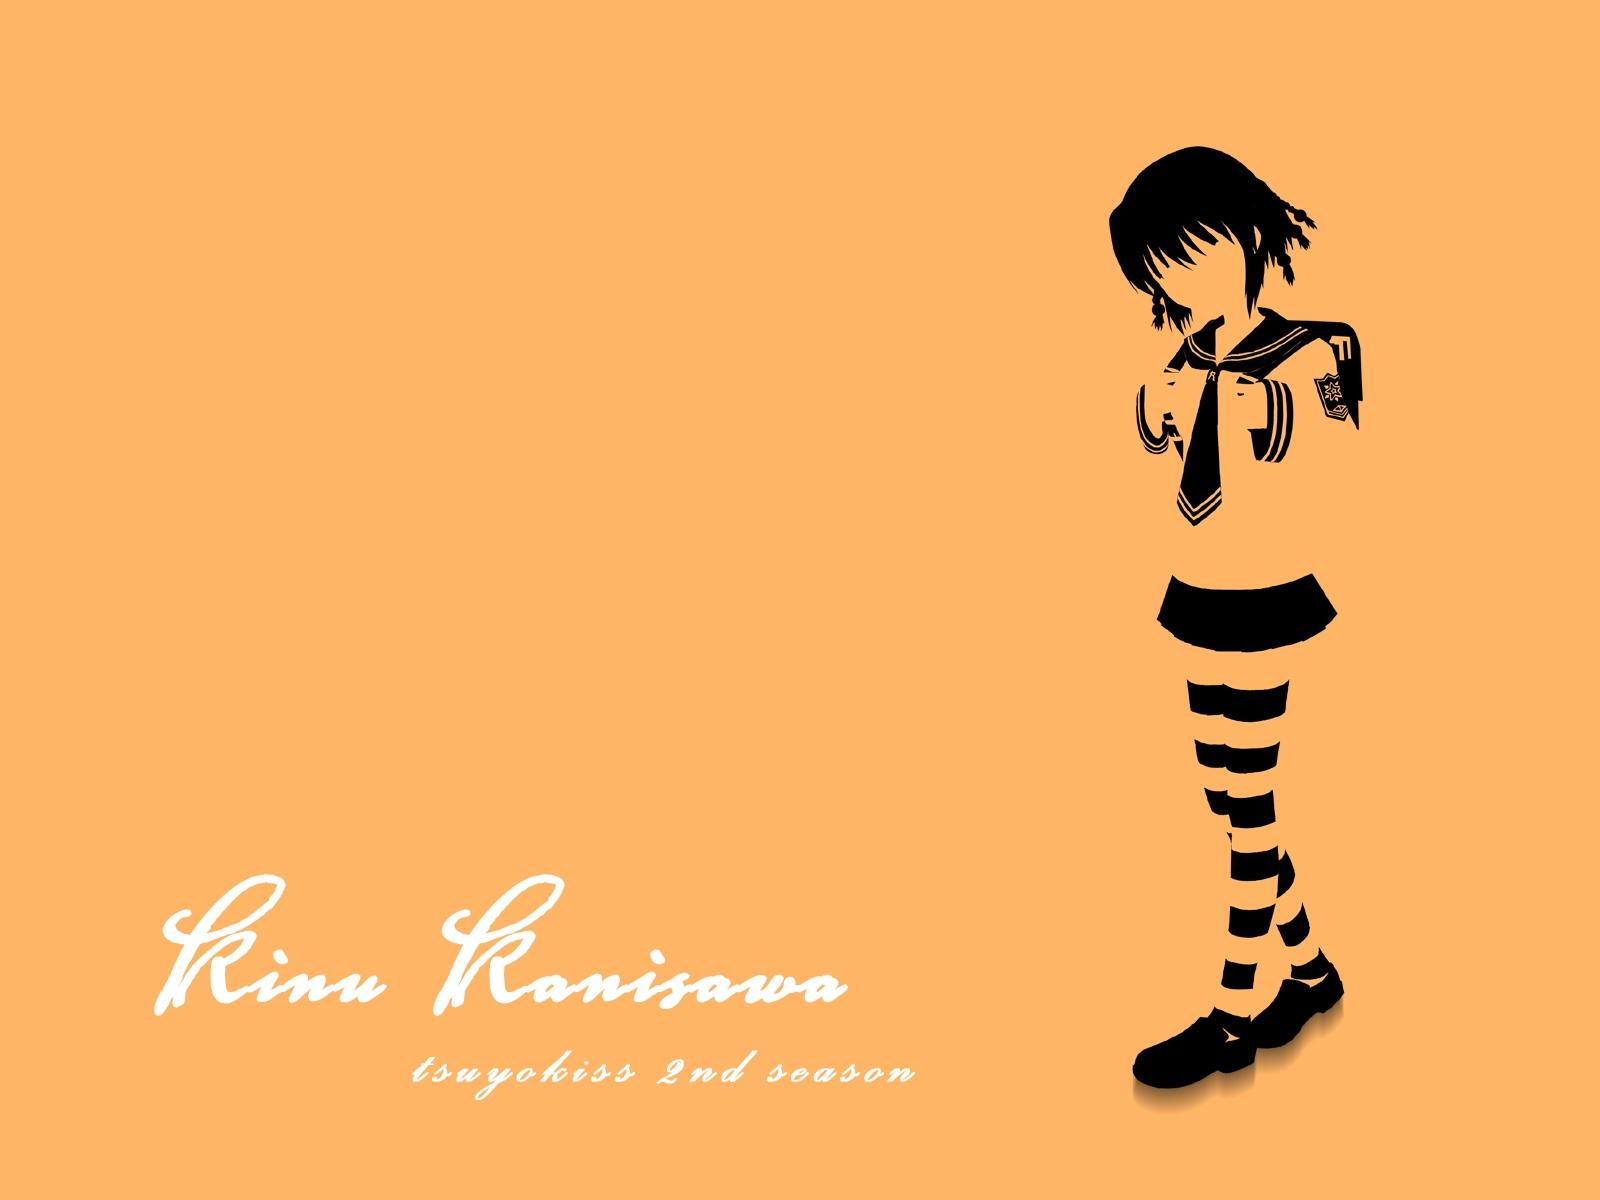 kanisawa_kinu orange polychromatic tsuyokiss_cool_x_sweet